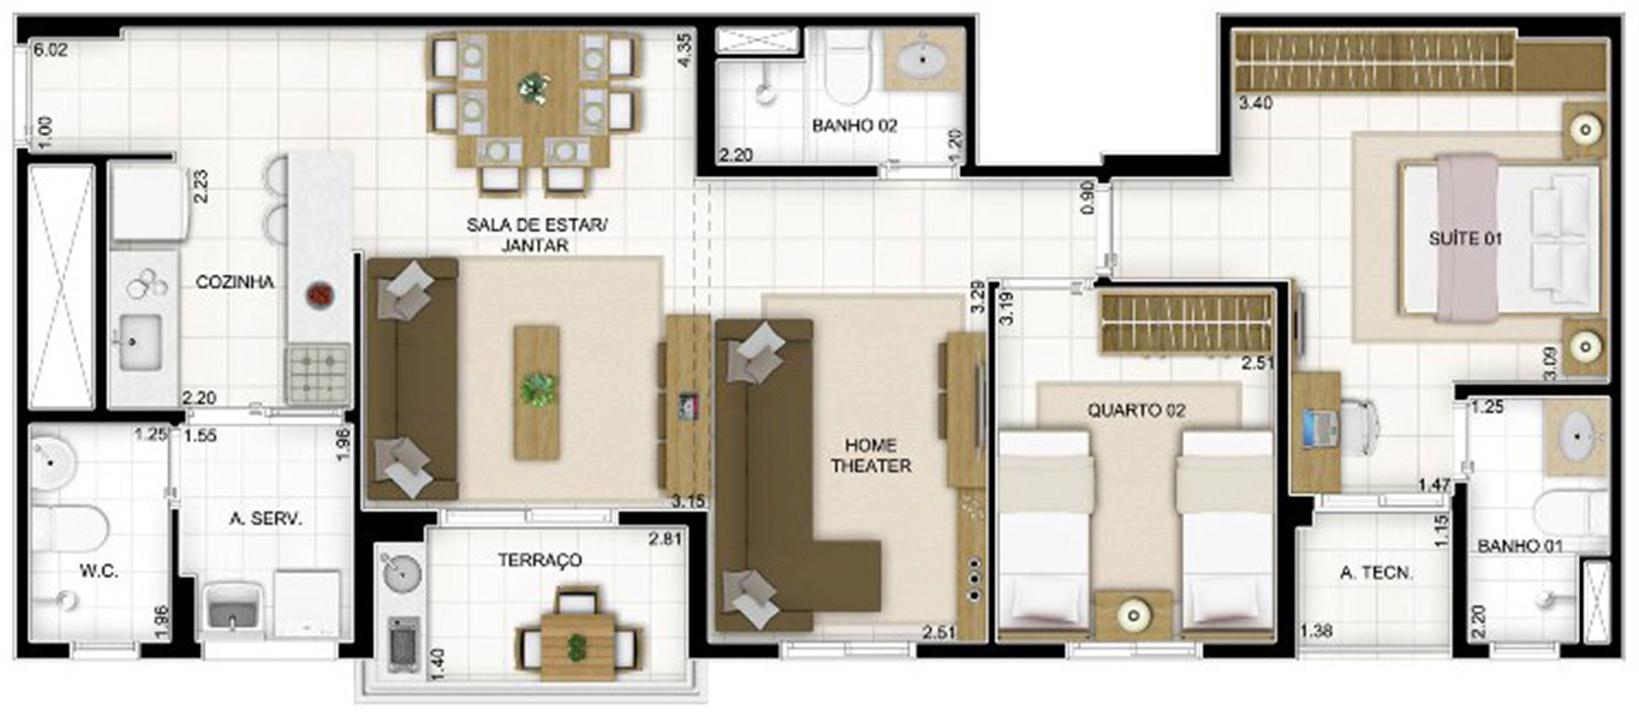 Planta 3 quartos Sala Ampliada   Quartier Lagoa Nova – Apartamentona  Lagoa Nova - Natal - Rio Grande do Norte